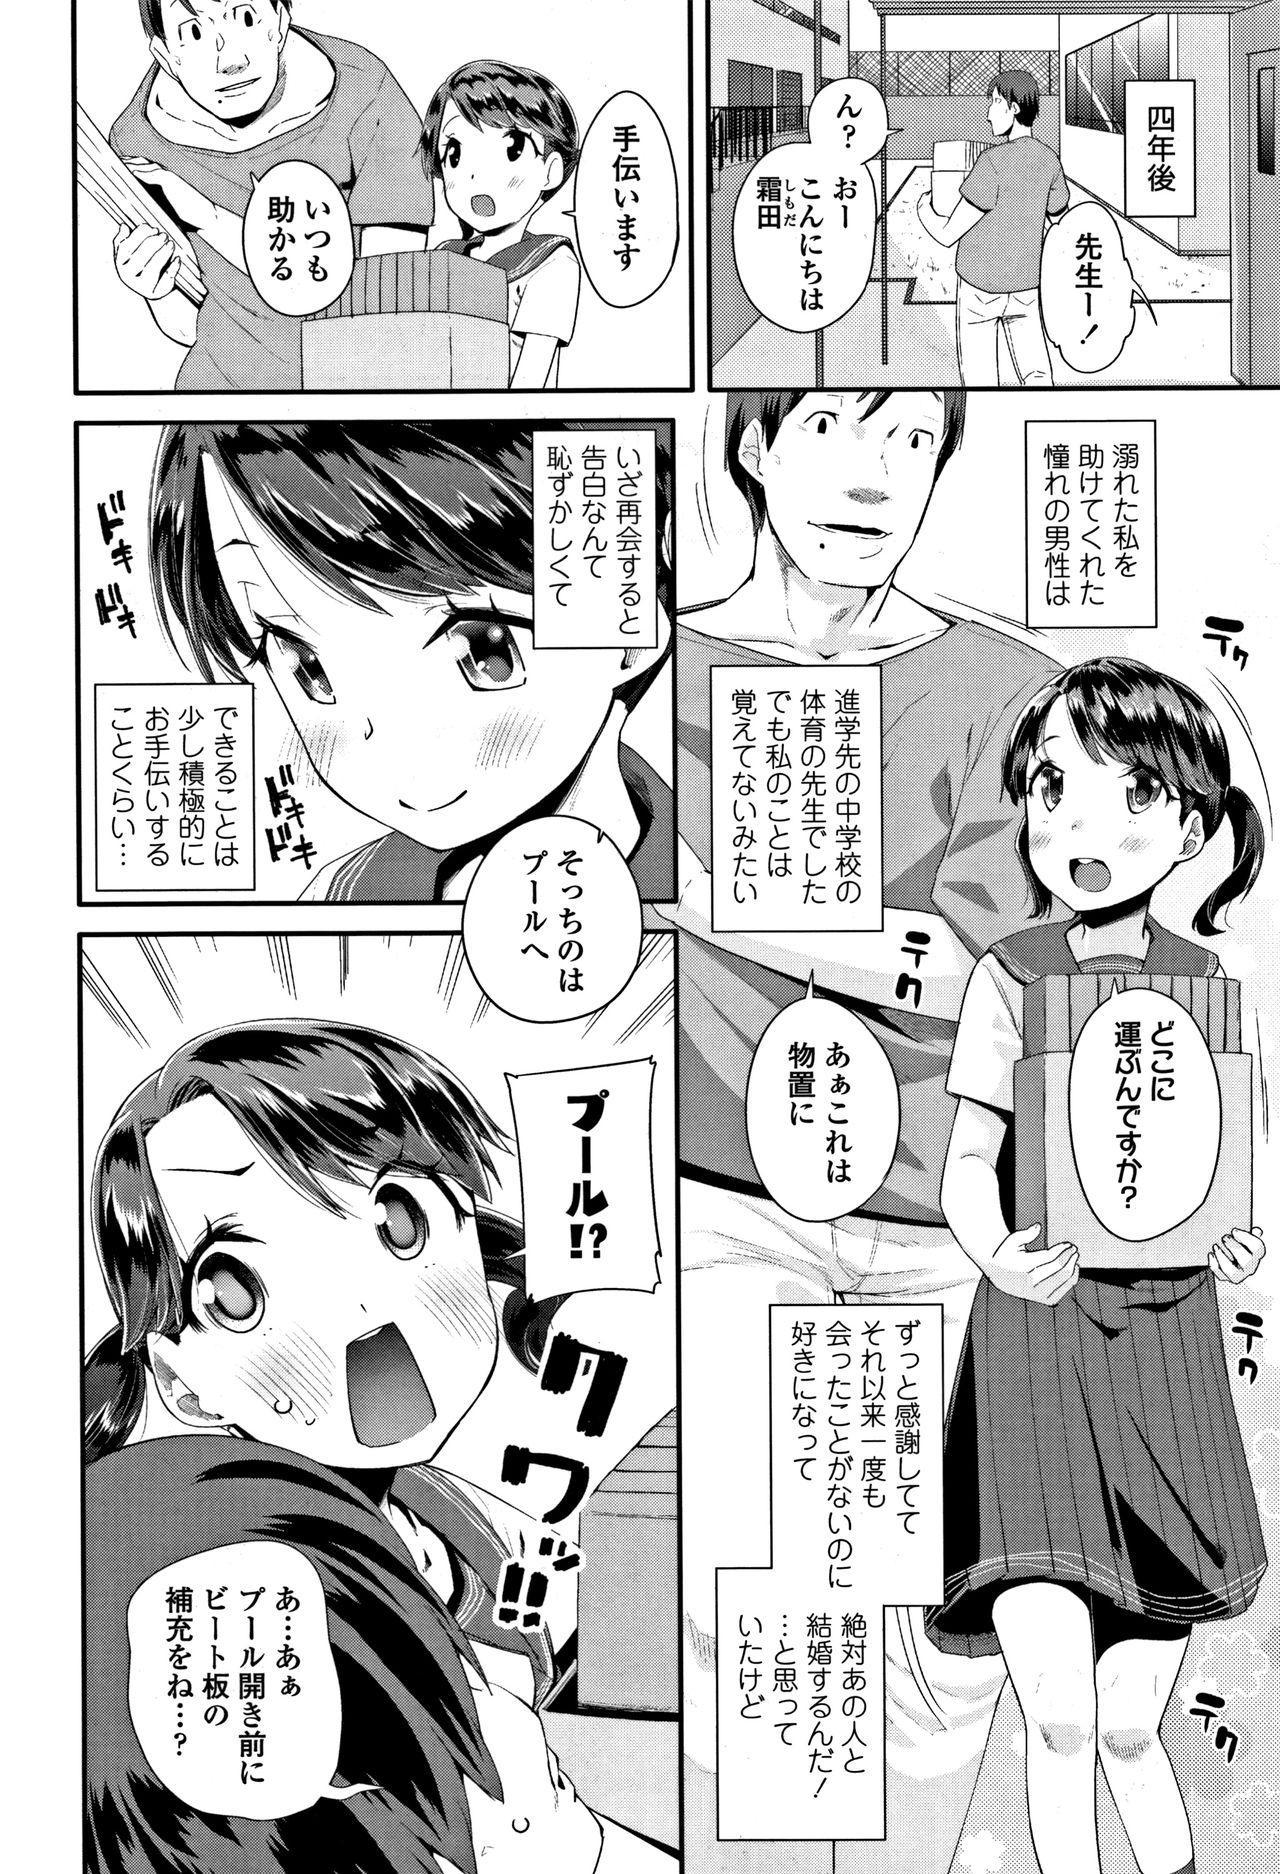 Kirakira Otona Lesson 142